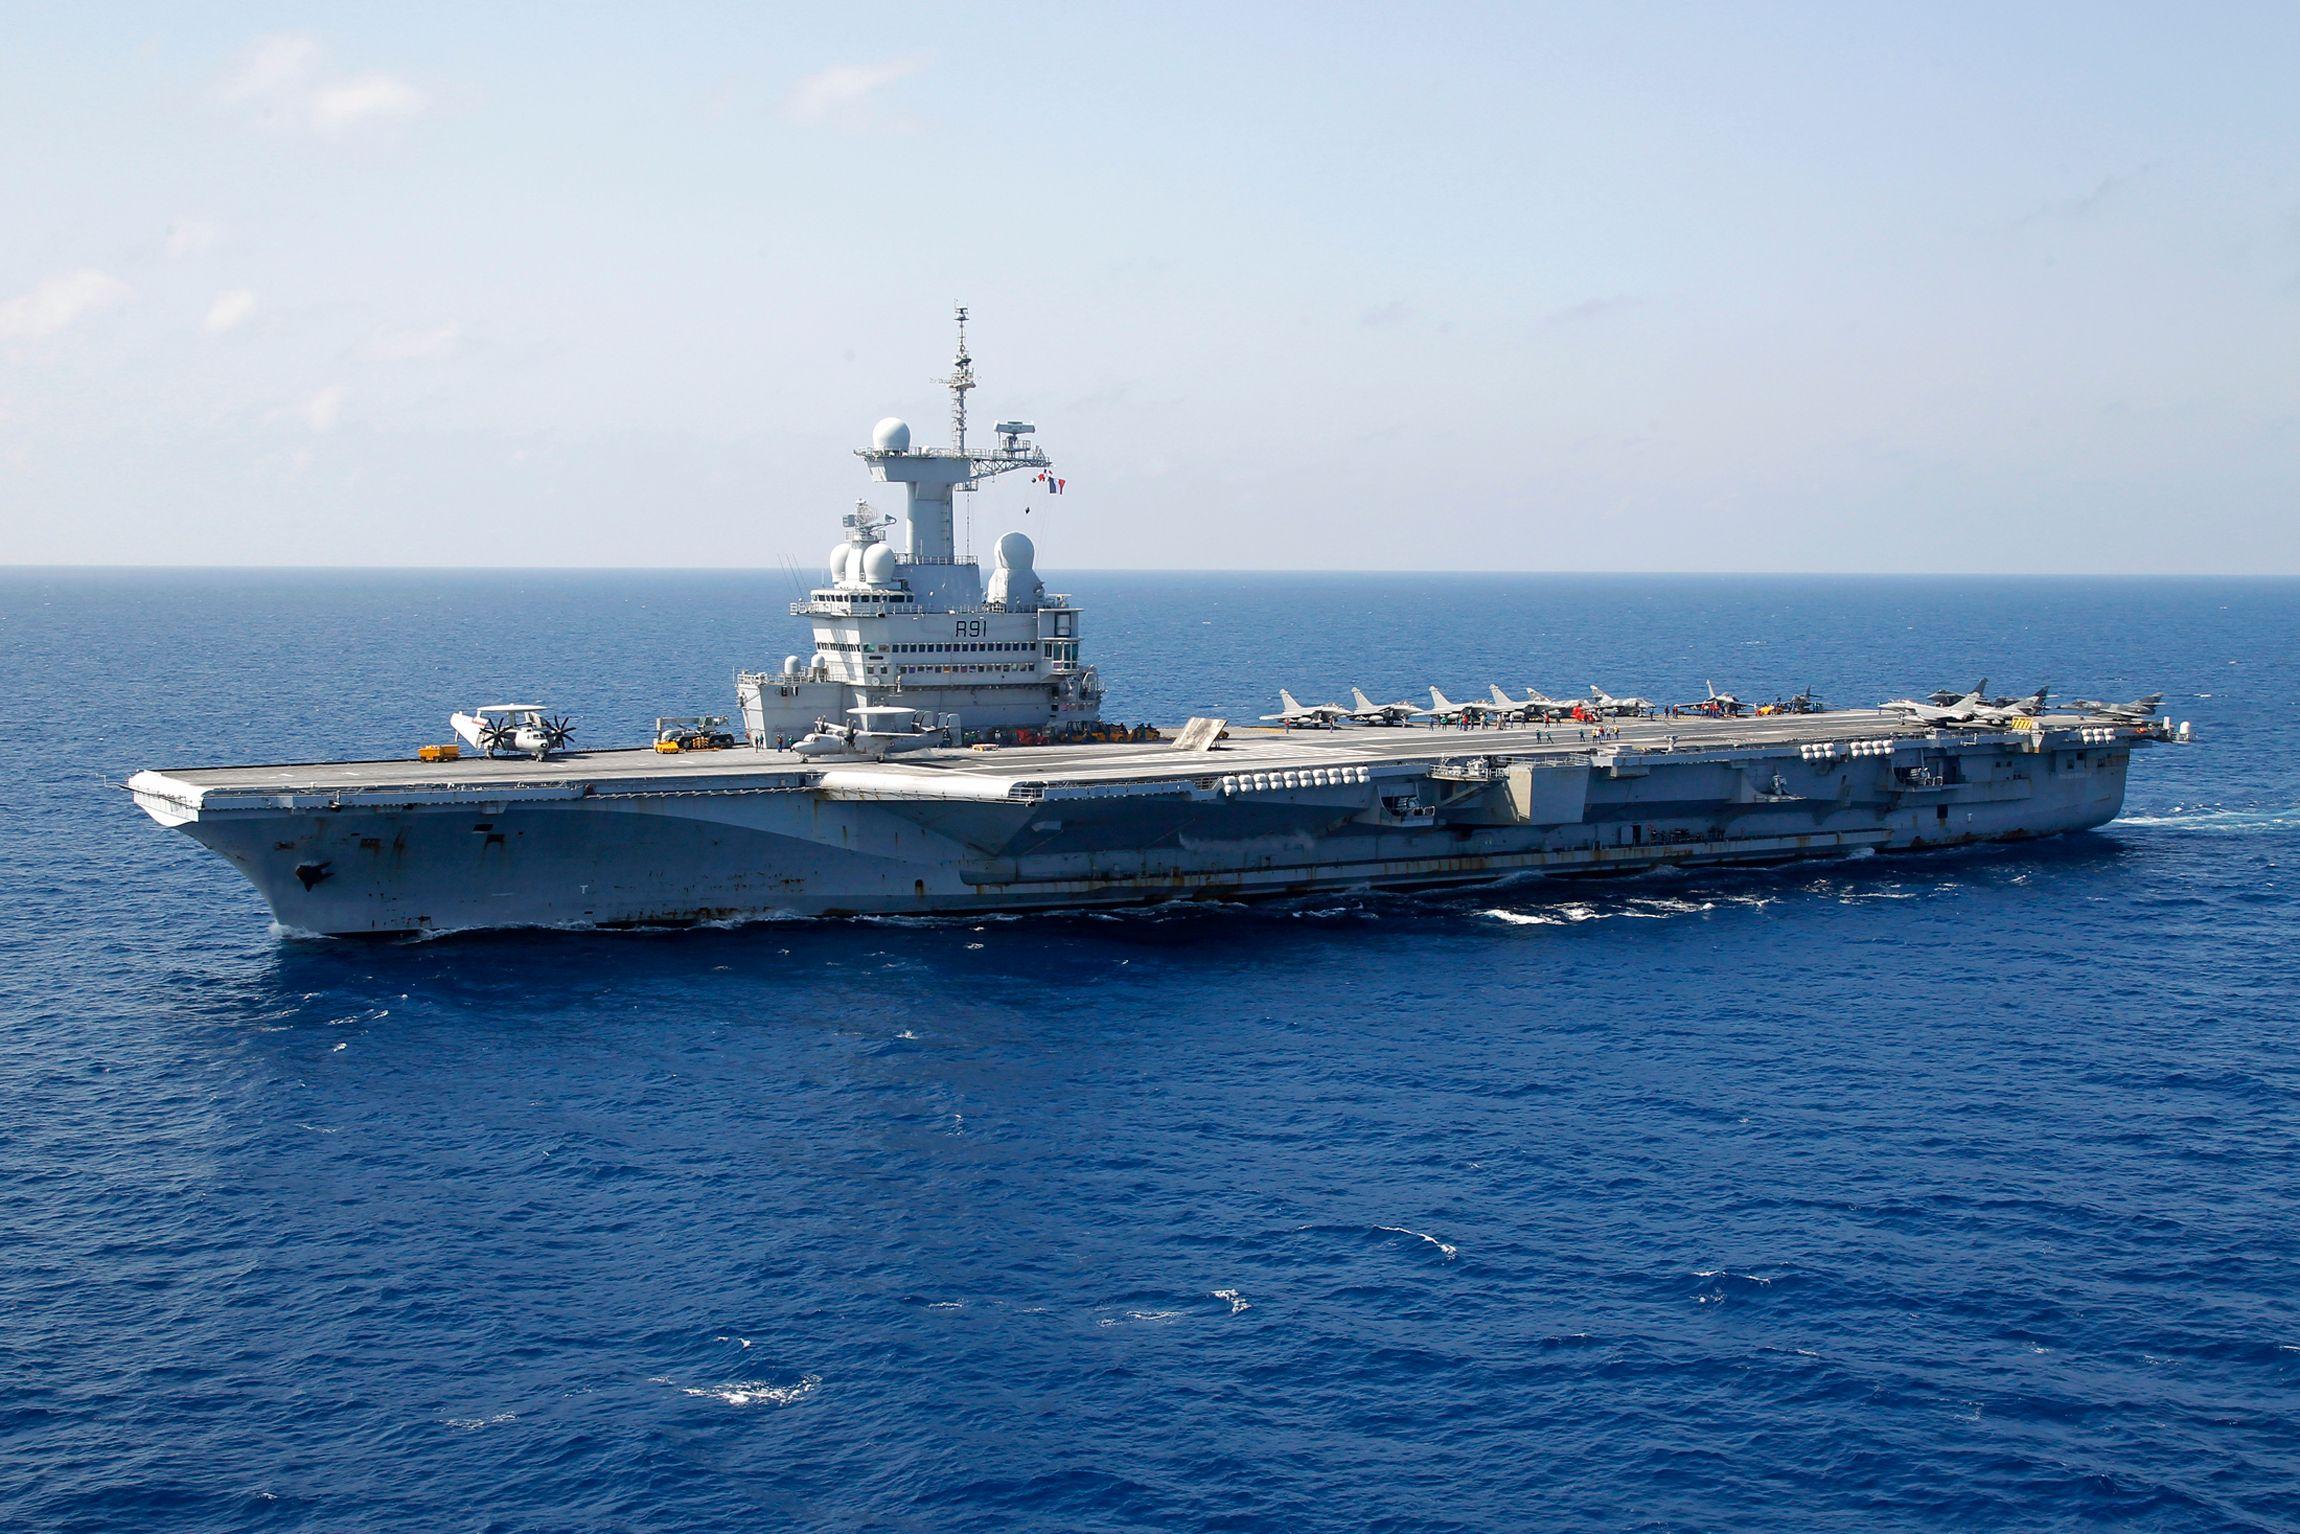 Les 26 chasseurs embarqués sur le porte-avions triplent la capacité de frappes française dans la région.